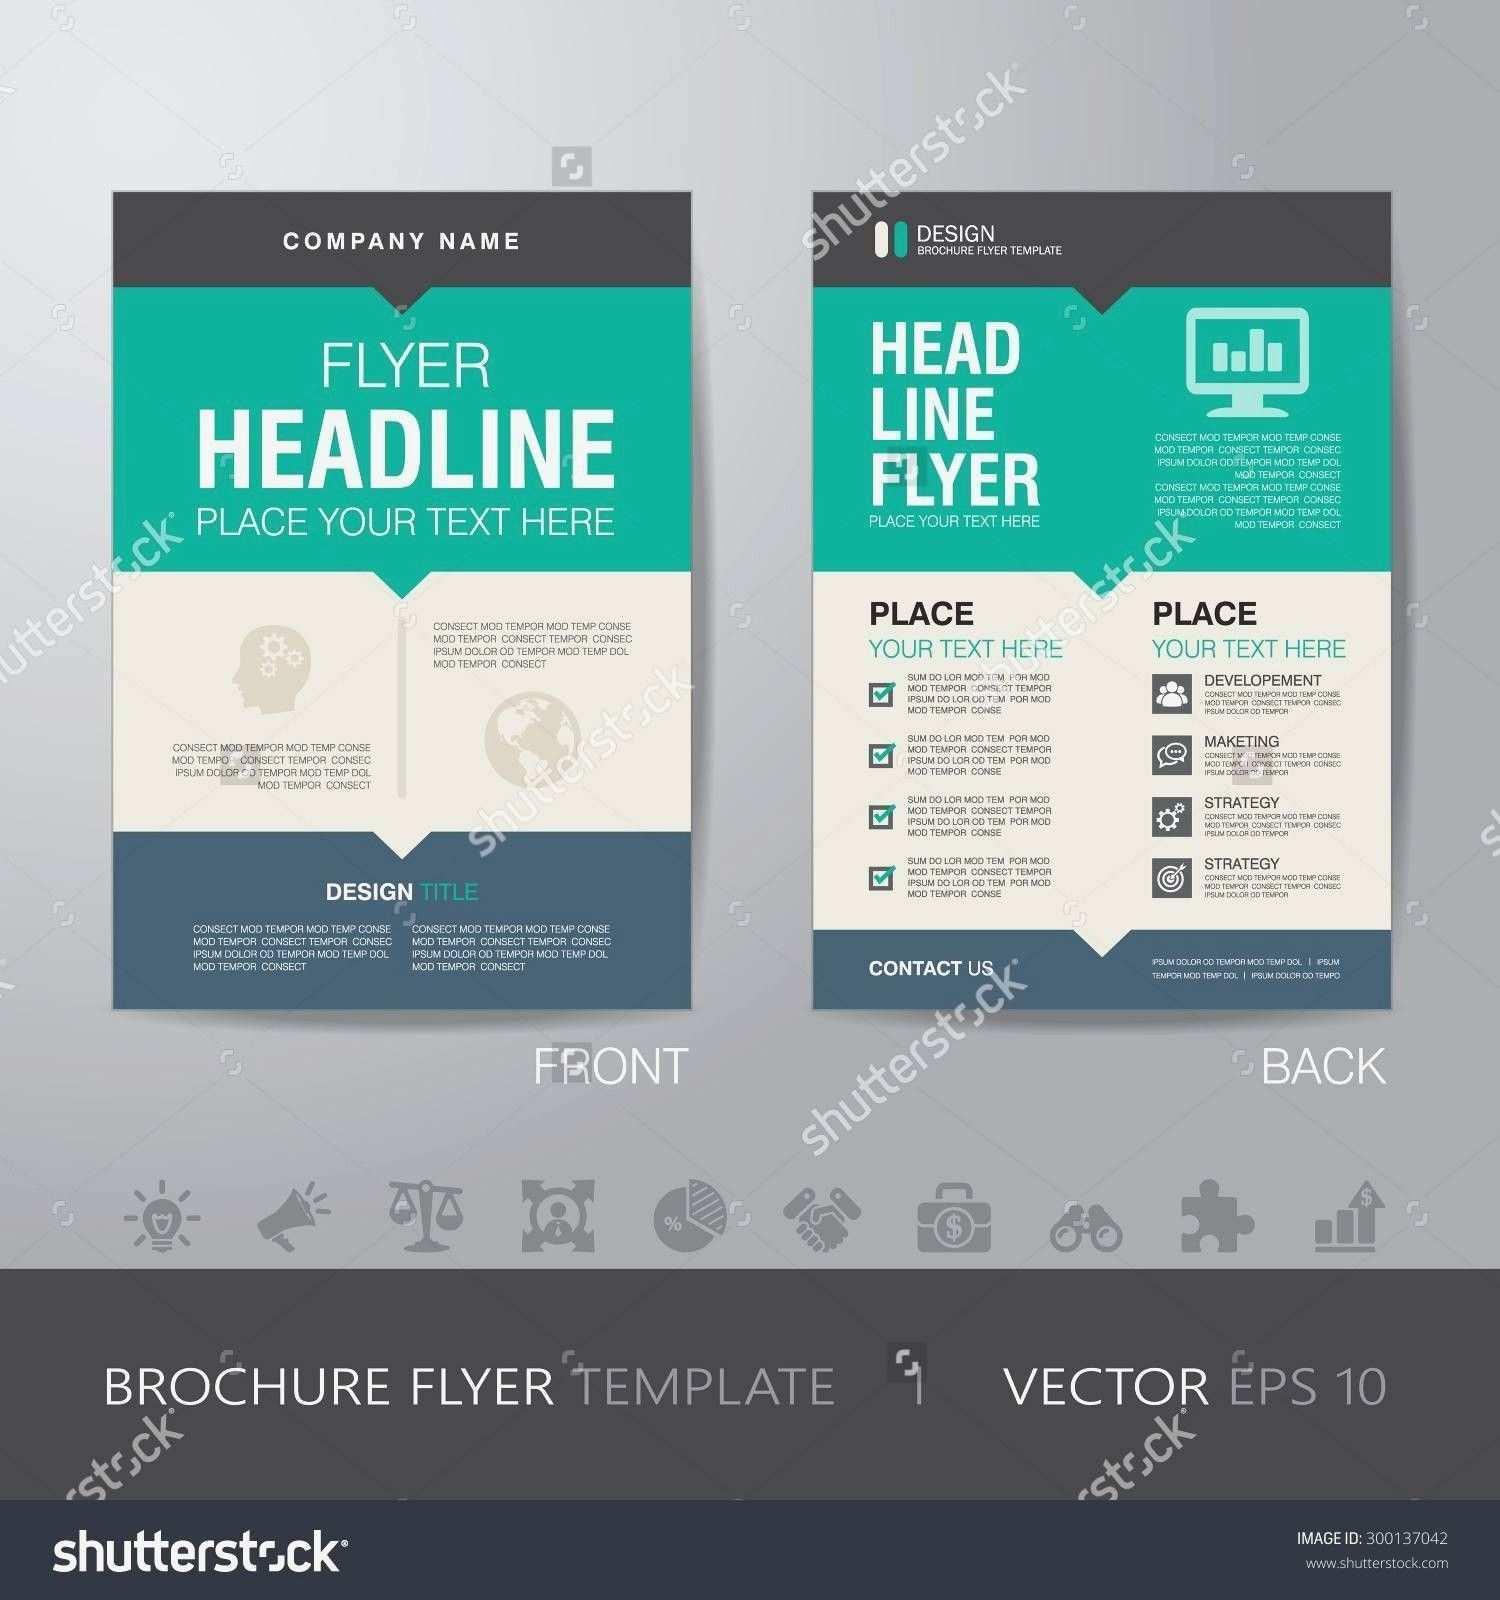 Microsoft Word 2010 Brochure Templates Microsoft Word 2010 Brochure Templates Free Tamplate Microsoft Word 2010 Broch Vorlagen Kinder Bilder Handout